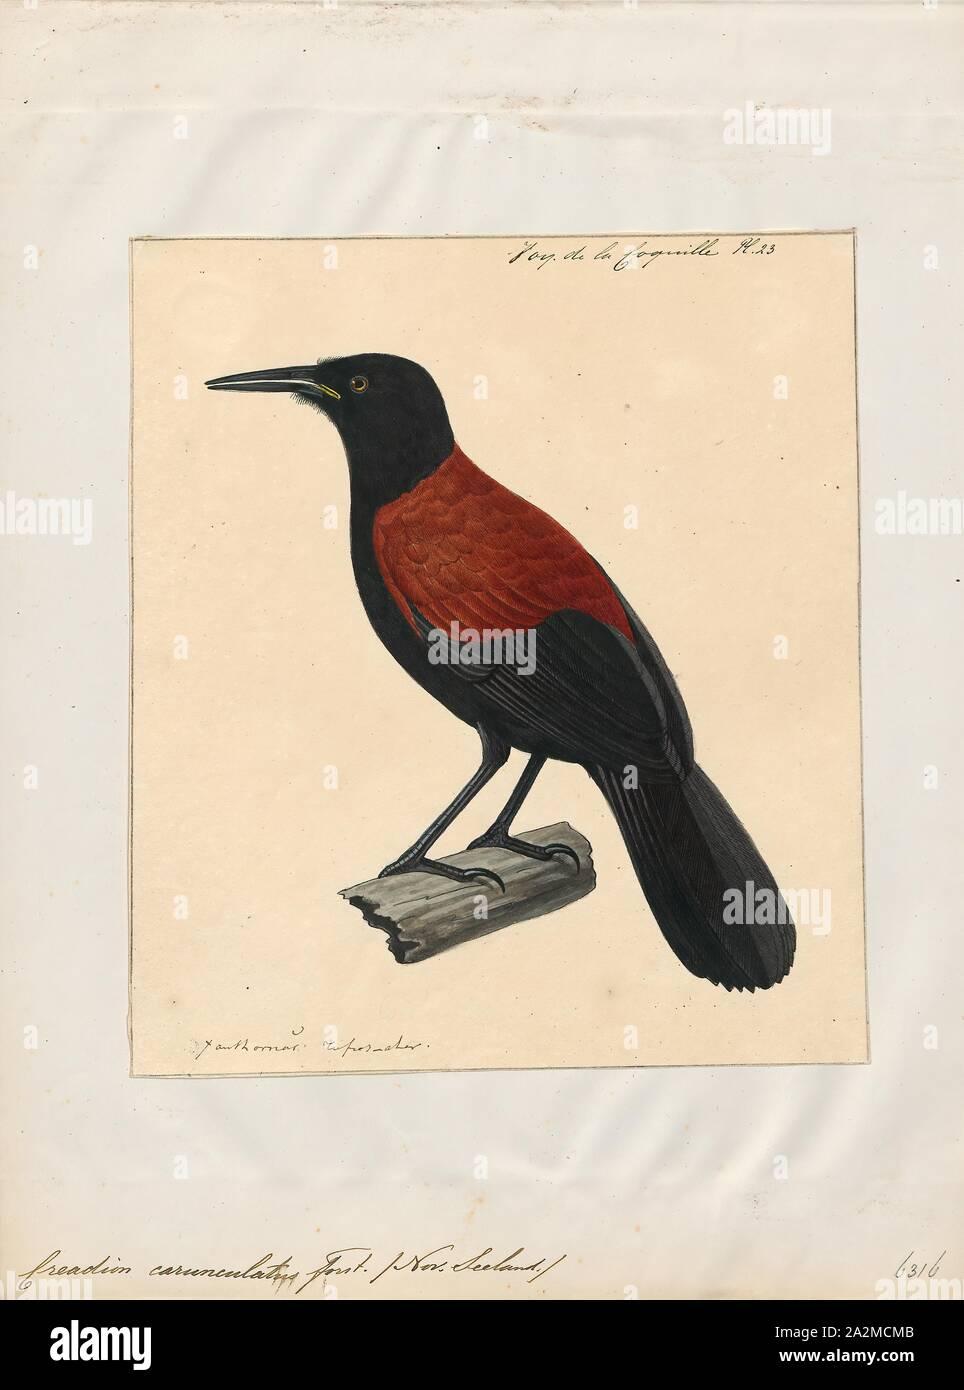 Creadion carunculatus, stampa l'Isola del Sud a doppio spiovente o tīeke (Philesturnus carunculatus) è un uccello della foresta in Nuova Zelanda wattlebird famiglia che è endemico dell'Isola del Sud della Nuova Zelanda. Sia l'Isola del nord a doppio spiovente e di questa specie sono state precedentemente considerate conspecific. Il Dipartimento di Conservazione ha attualmente l'Isola del Sud a doppio spiovente elencati come a rischio -- in calo., 1825-1839 Foto Stock